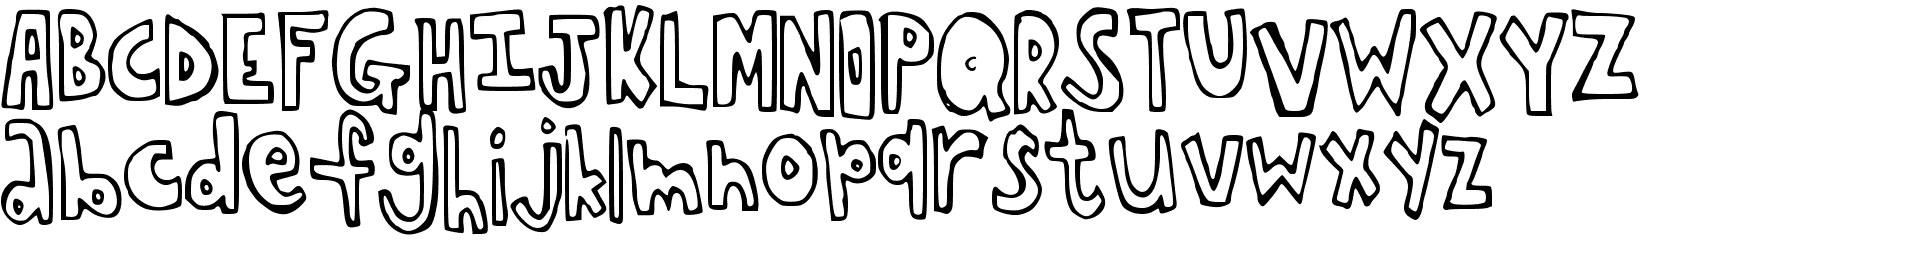 chopstickfont